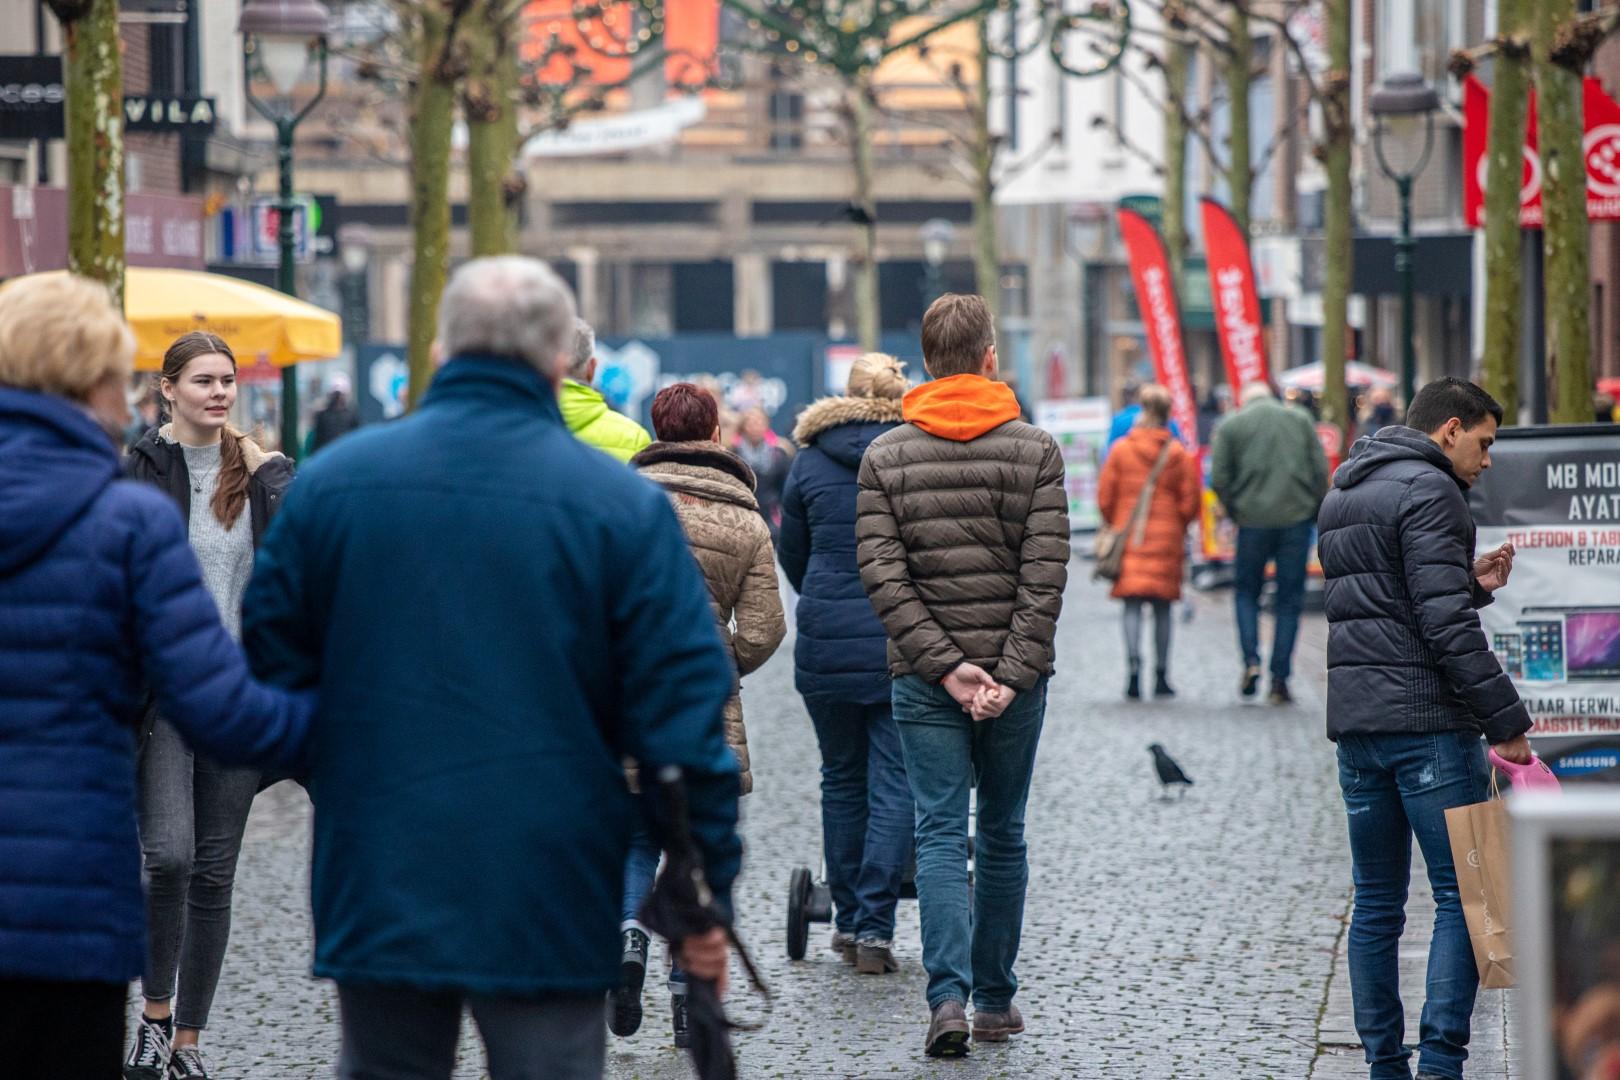 aanbiedingen bergen op zoom sint josephstraat winkelen winkelende mensen drukte shoppen winkelstraat december winter